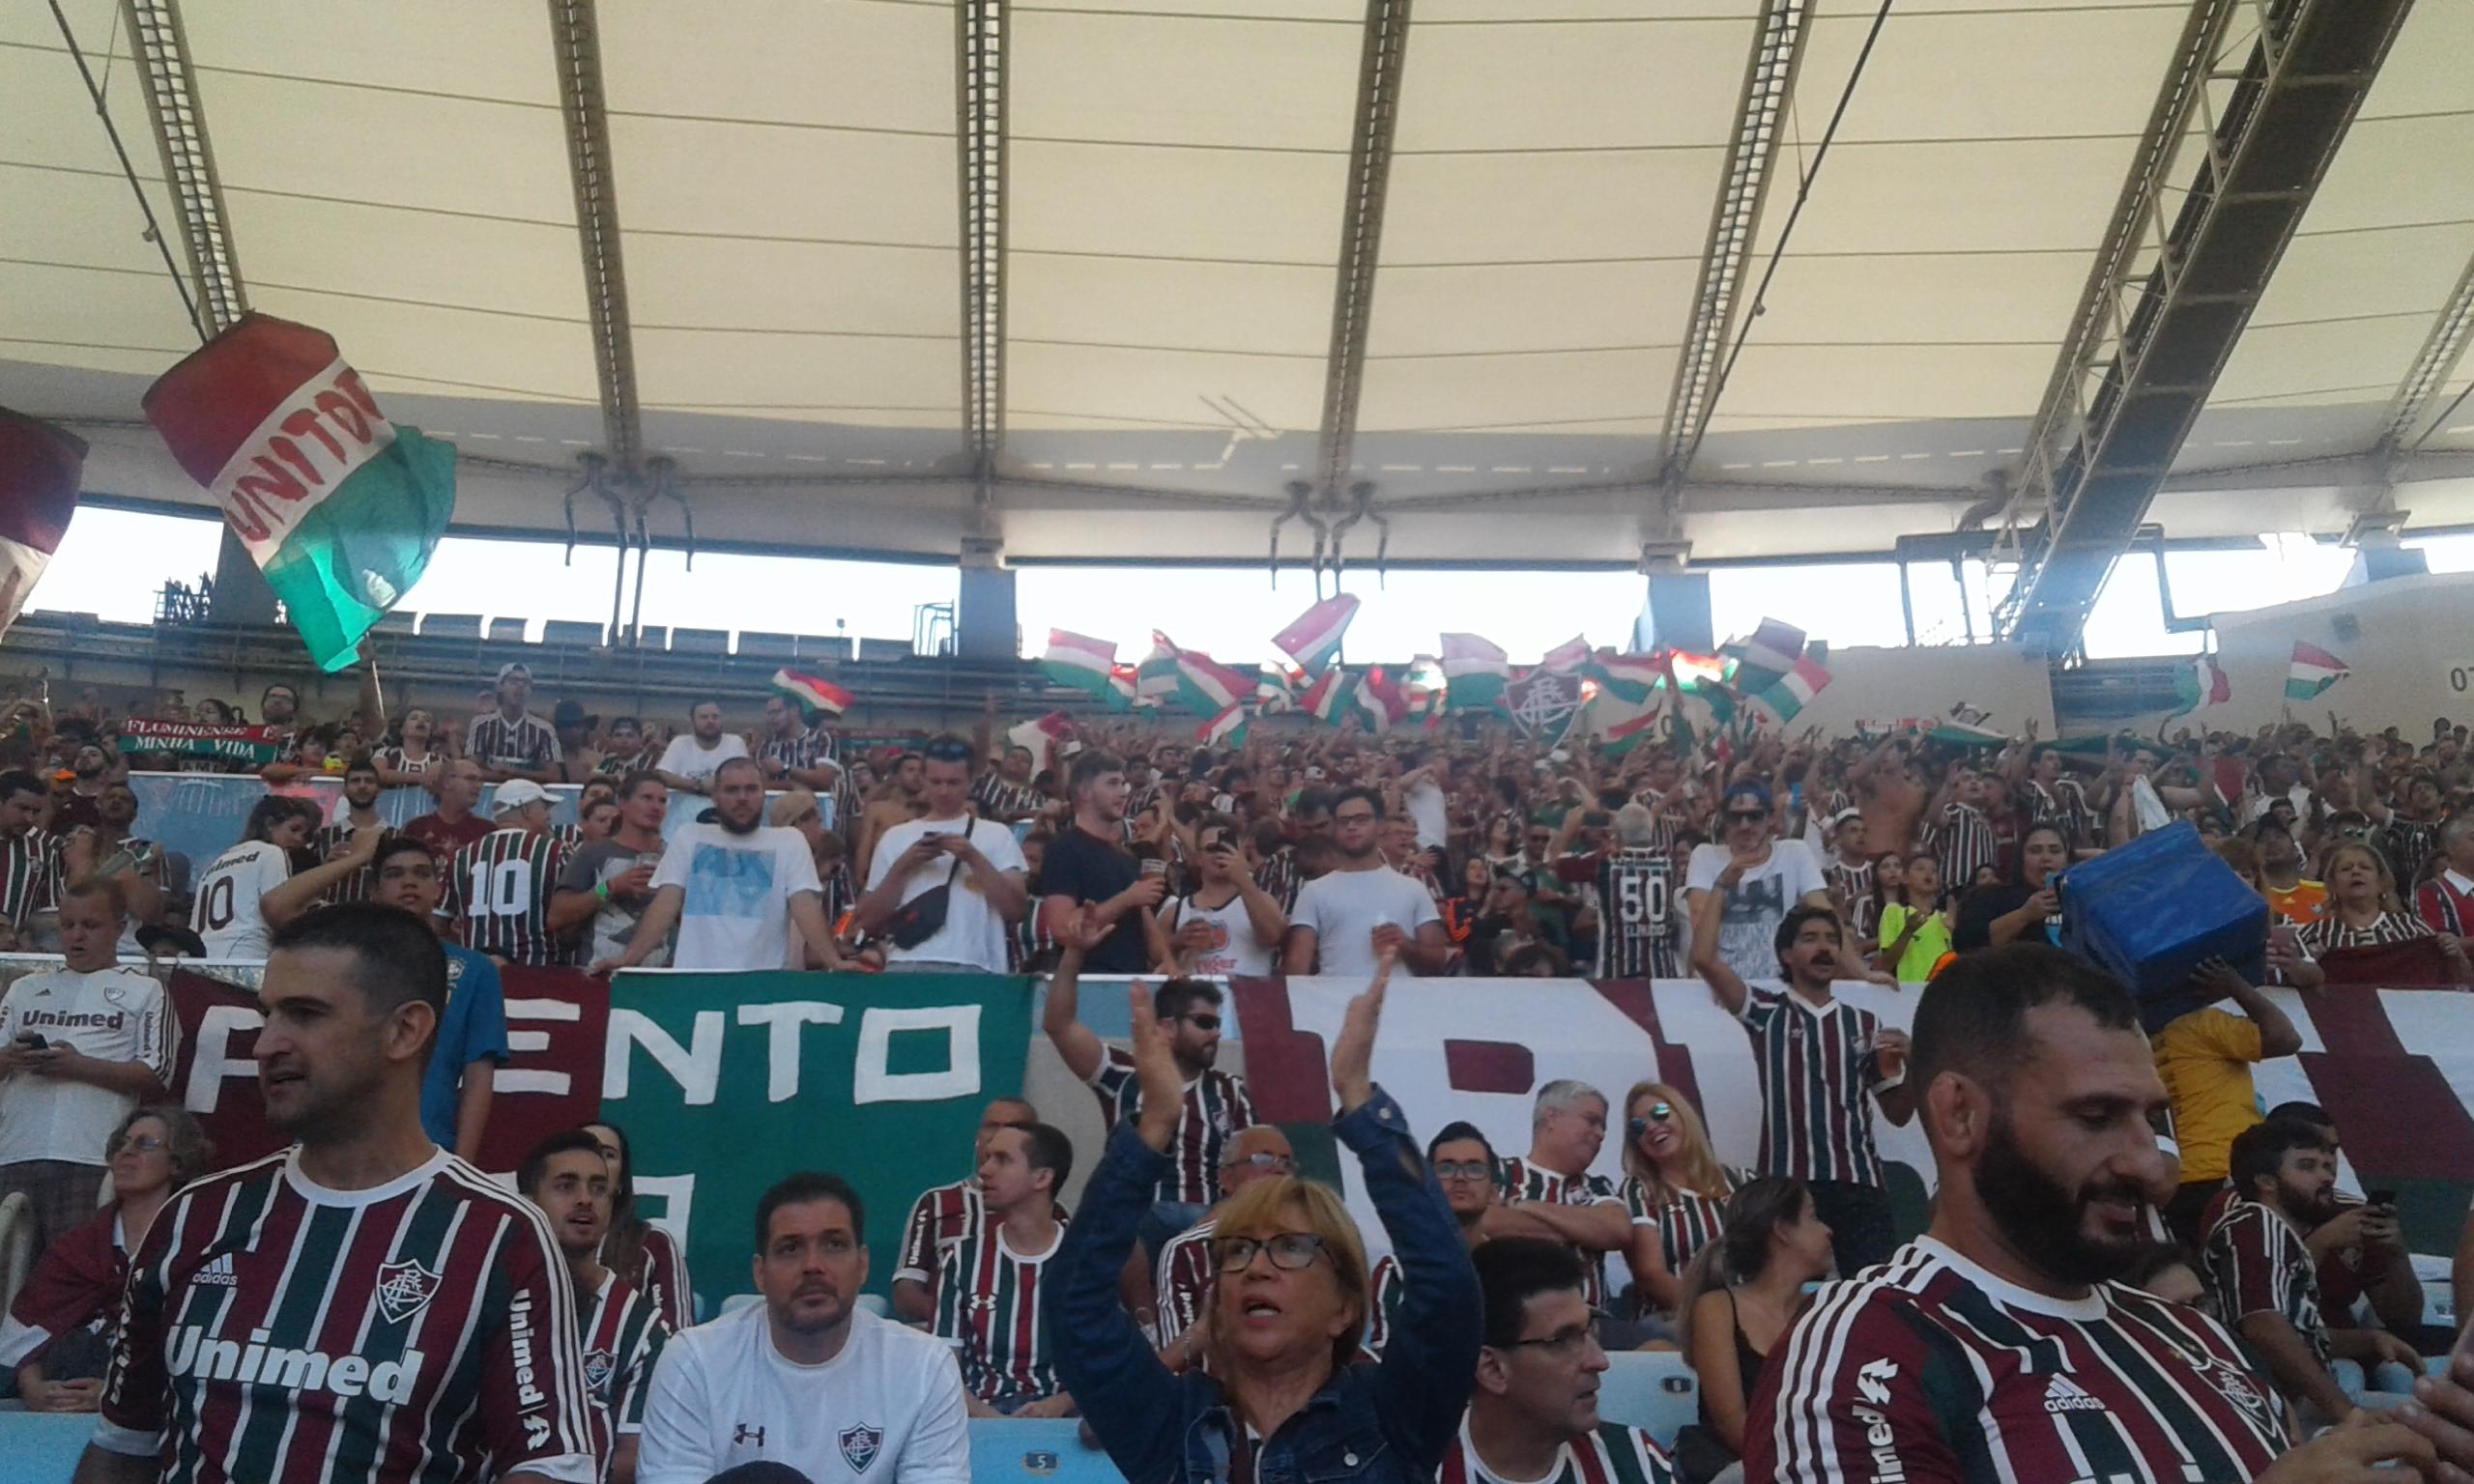 8e09ce66cc O Fluminense divulgou no fim da tarde nova parcial de venda de ingressos  para o jogo de amanhã e informou que foram vendidos até aqui 11.000  ingressos.